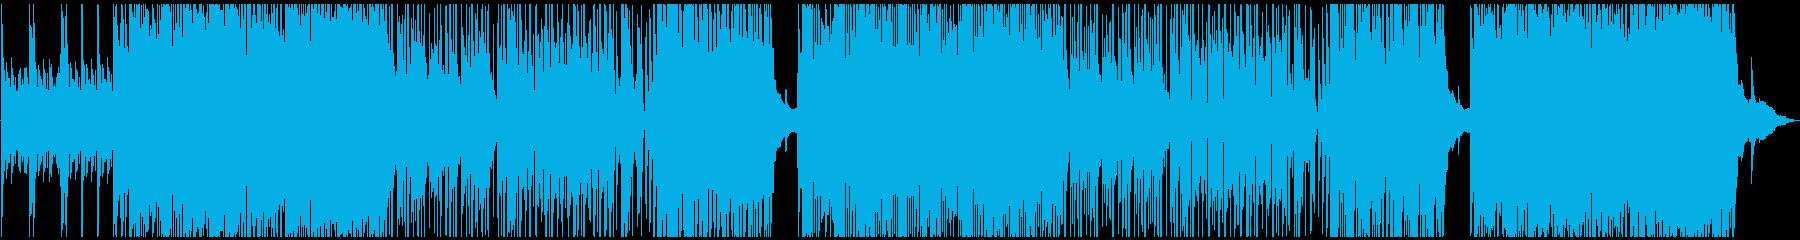 かっこいいピアノトリオのポップジャズの再生済みの波形